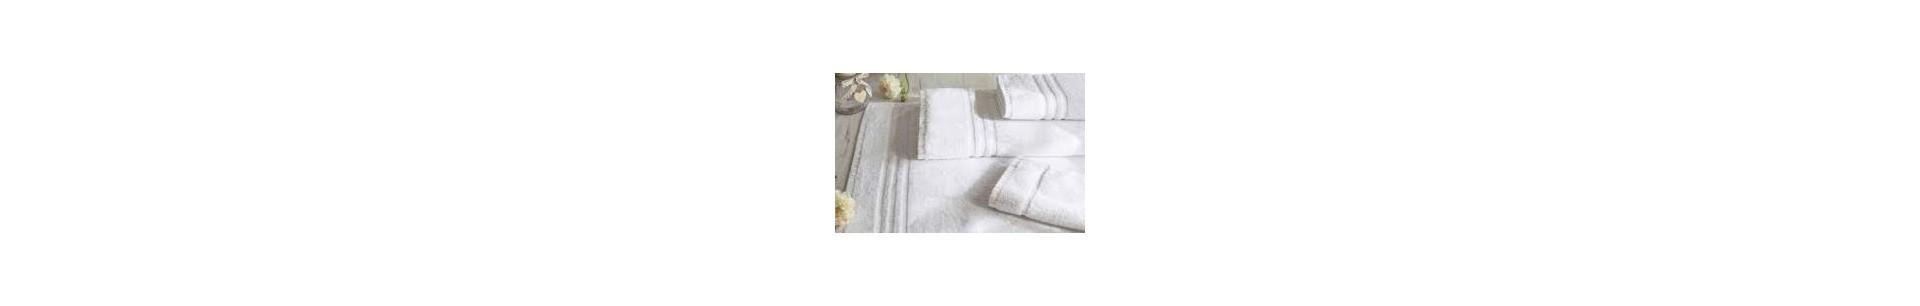 Accesorios de baño hostelería | Tiendas Pavo